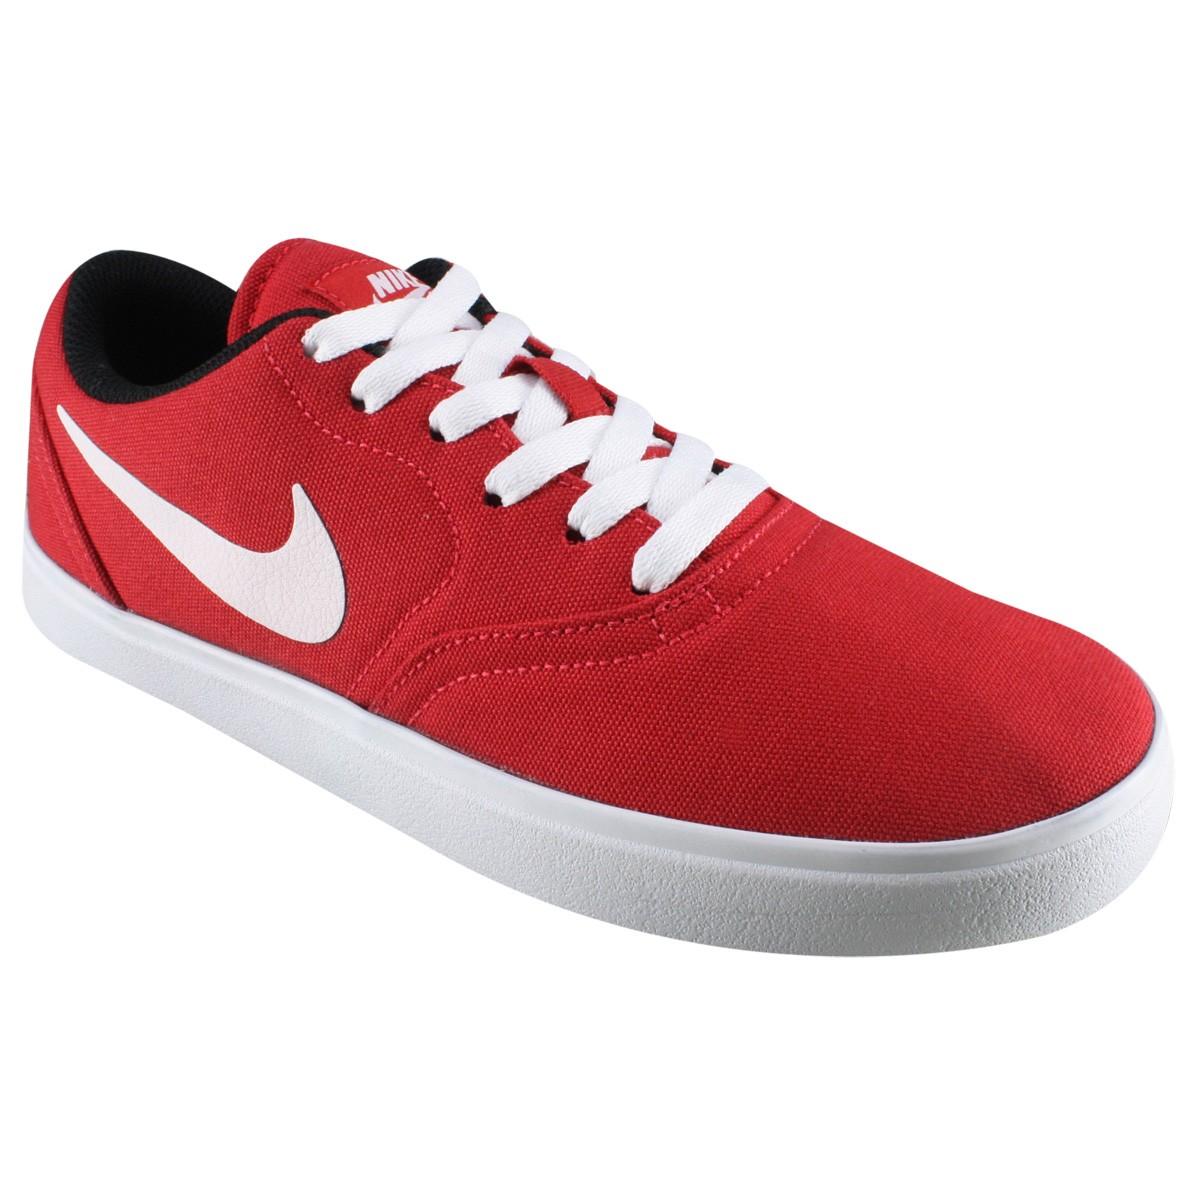 630e67a85df9a Tênis Nike SB Check CNVS 705268-610 - Vermelho Branco - Botas Online ...